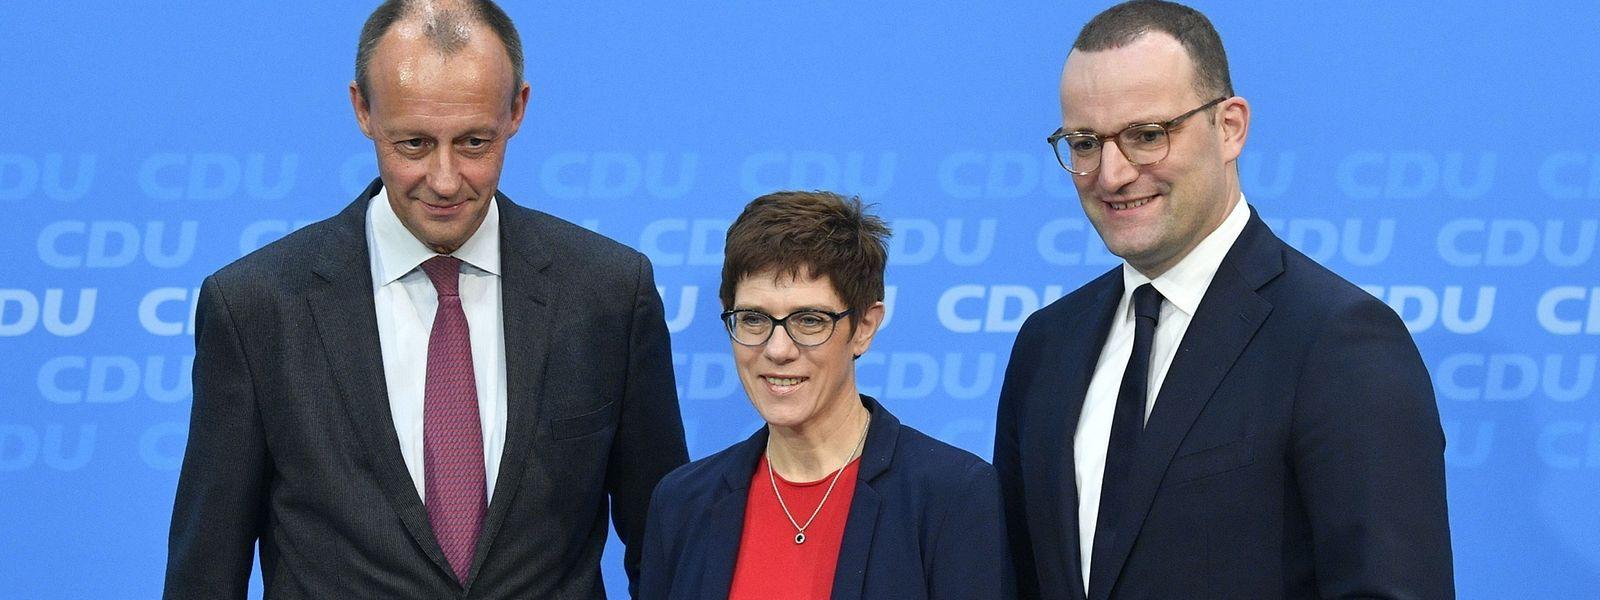 Am Freitag fallen die Würfel über den Vorsitz auf dem 31. CDU-Parteitag. Die drei Favoriten sind Friedrich Merz, Annegret Kramp-Karrenbauer und Jens Spahn (v.l.n.r.).